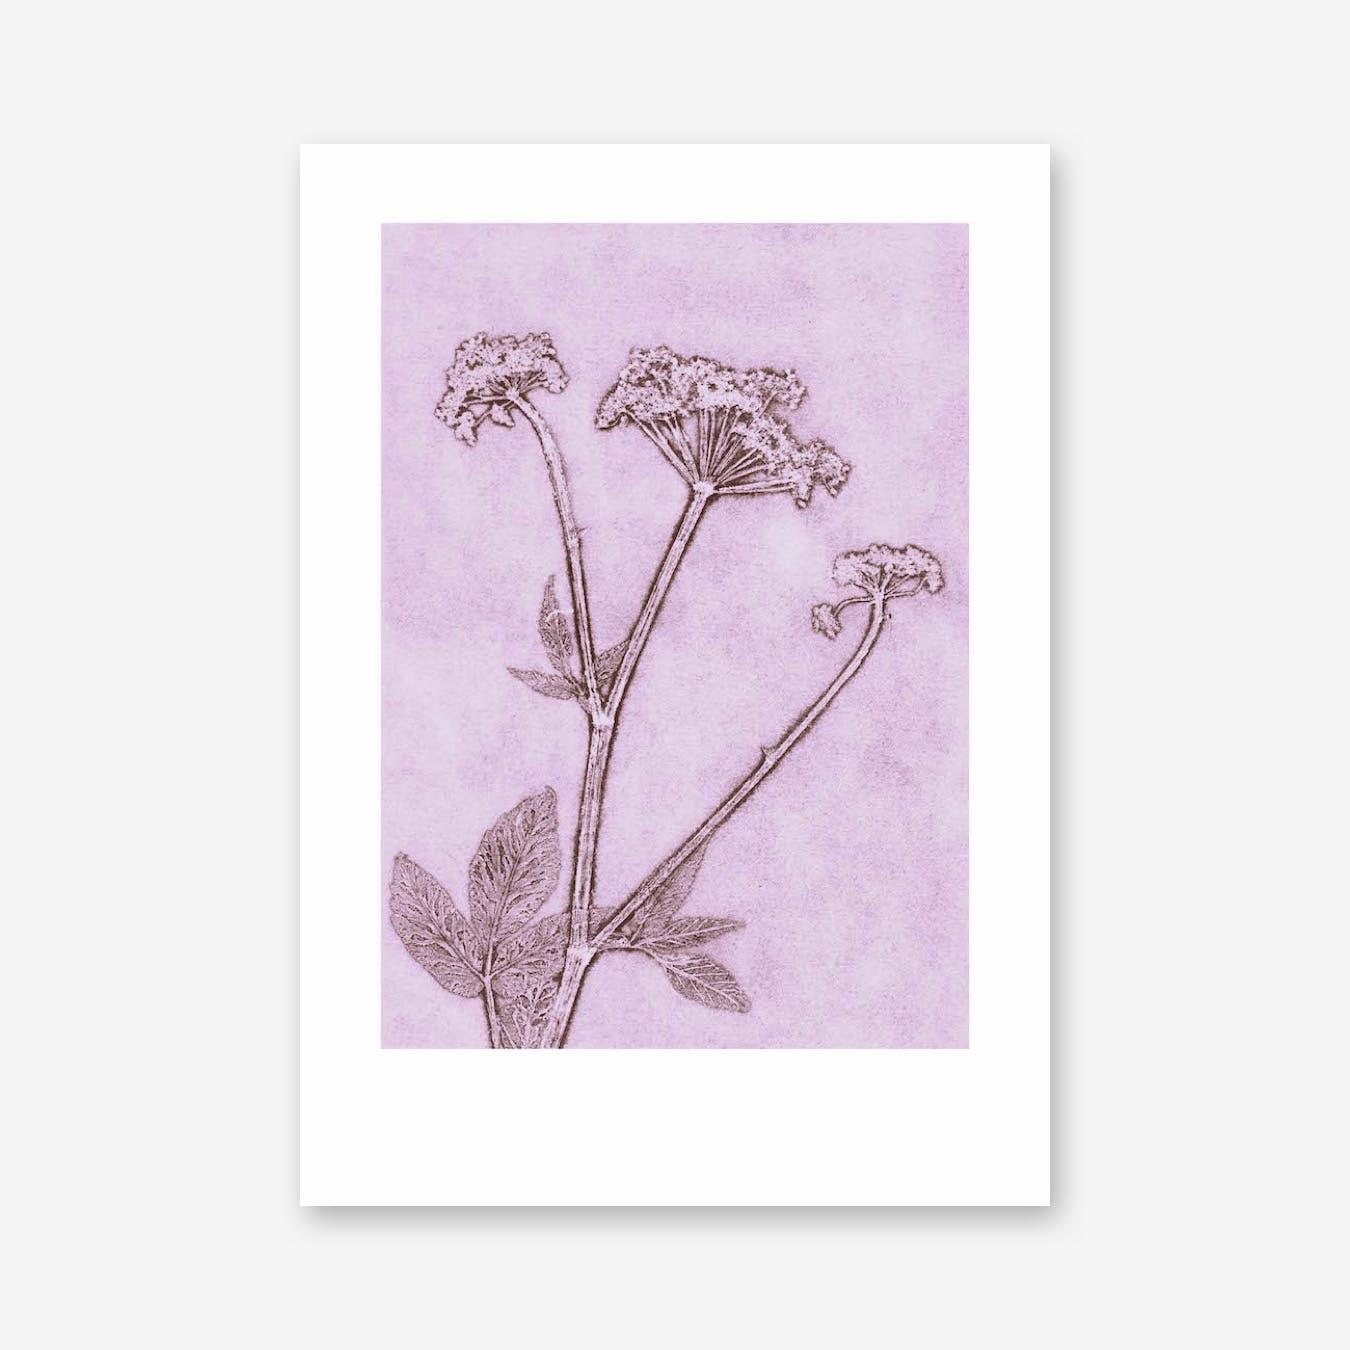 Groundelder Violet Print In 50cm x 70cm